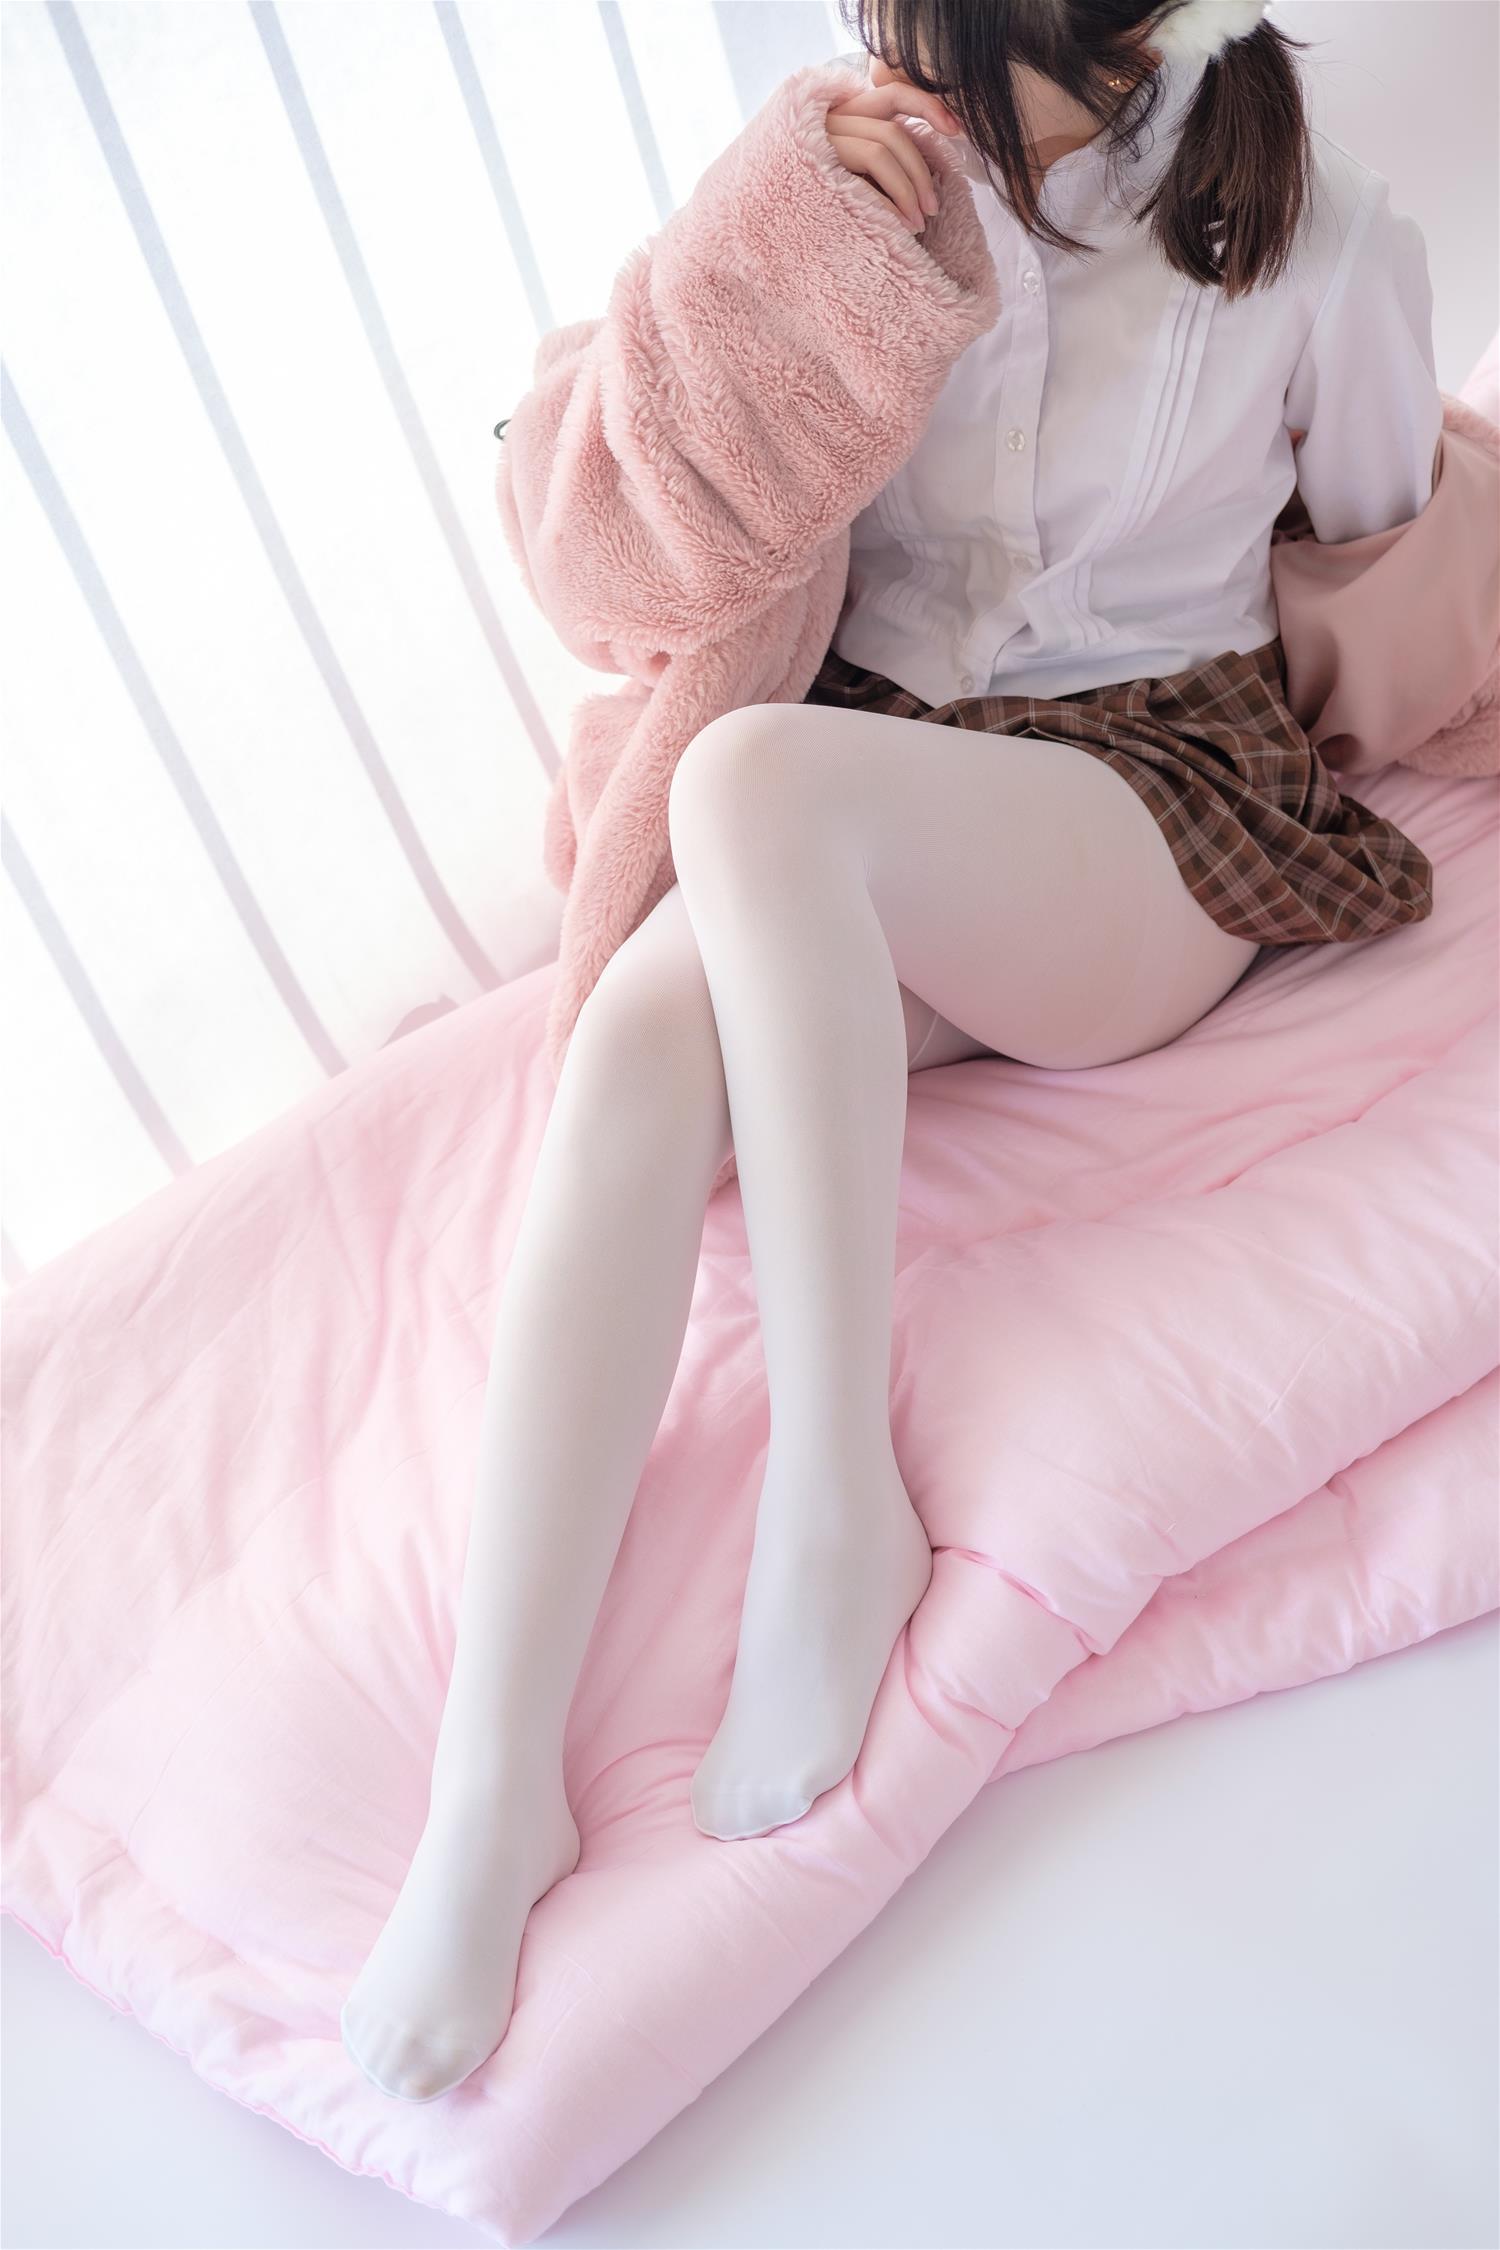 2个清纯少女白丝美腿私房照竟遭泄露! 3